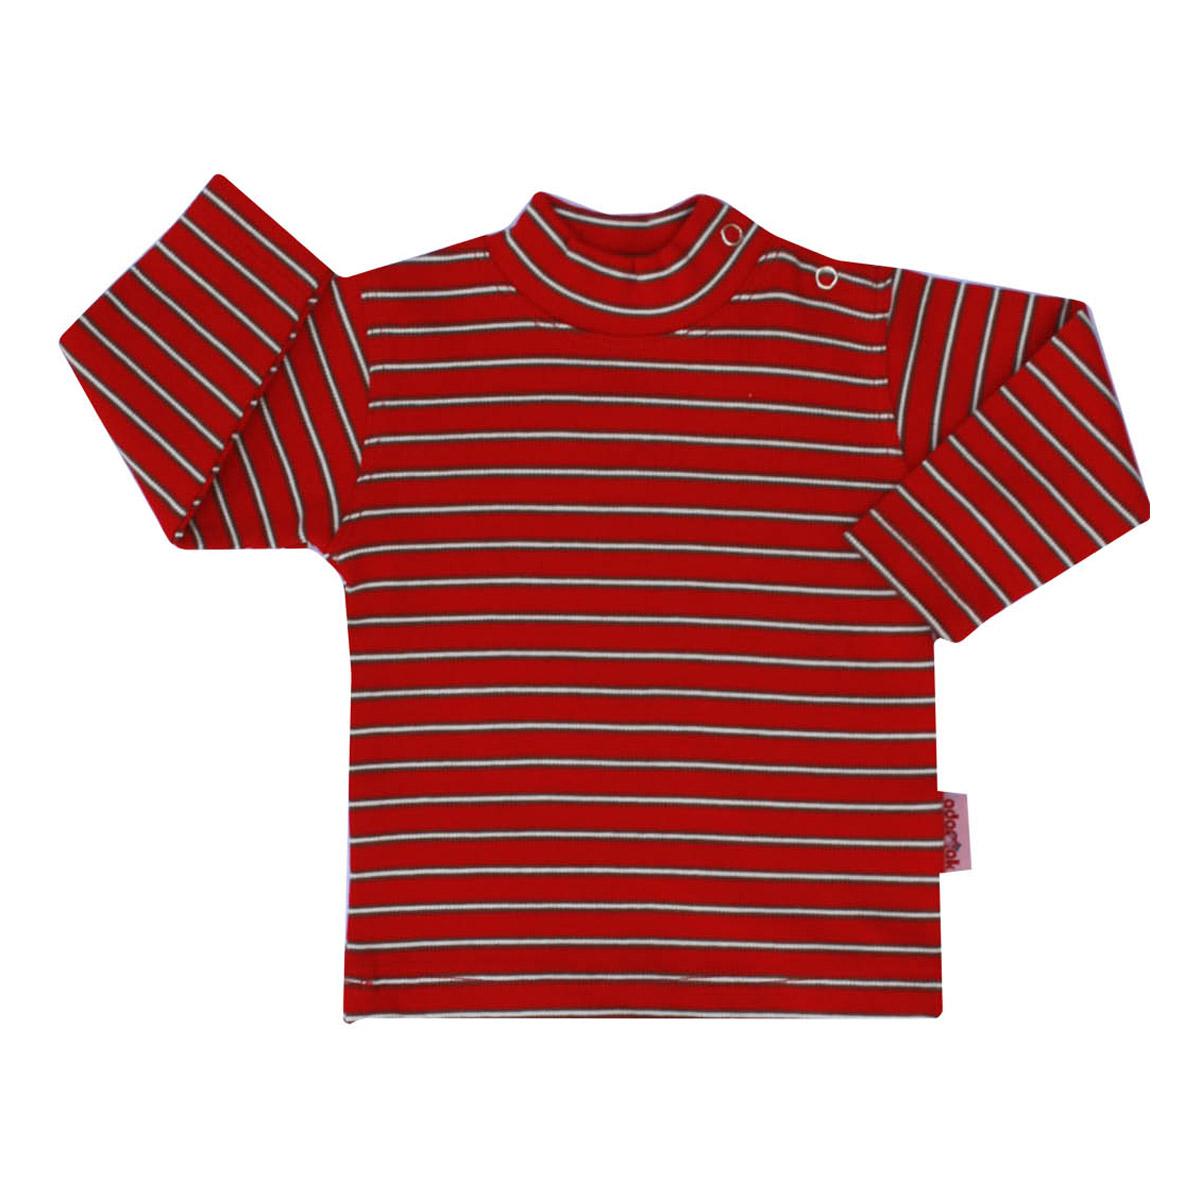 تی شرت دخترانه آدمک طرح راه راه کد 144301